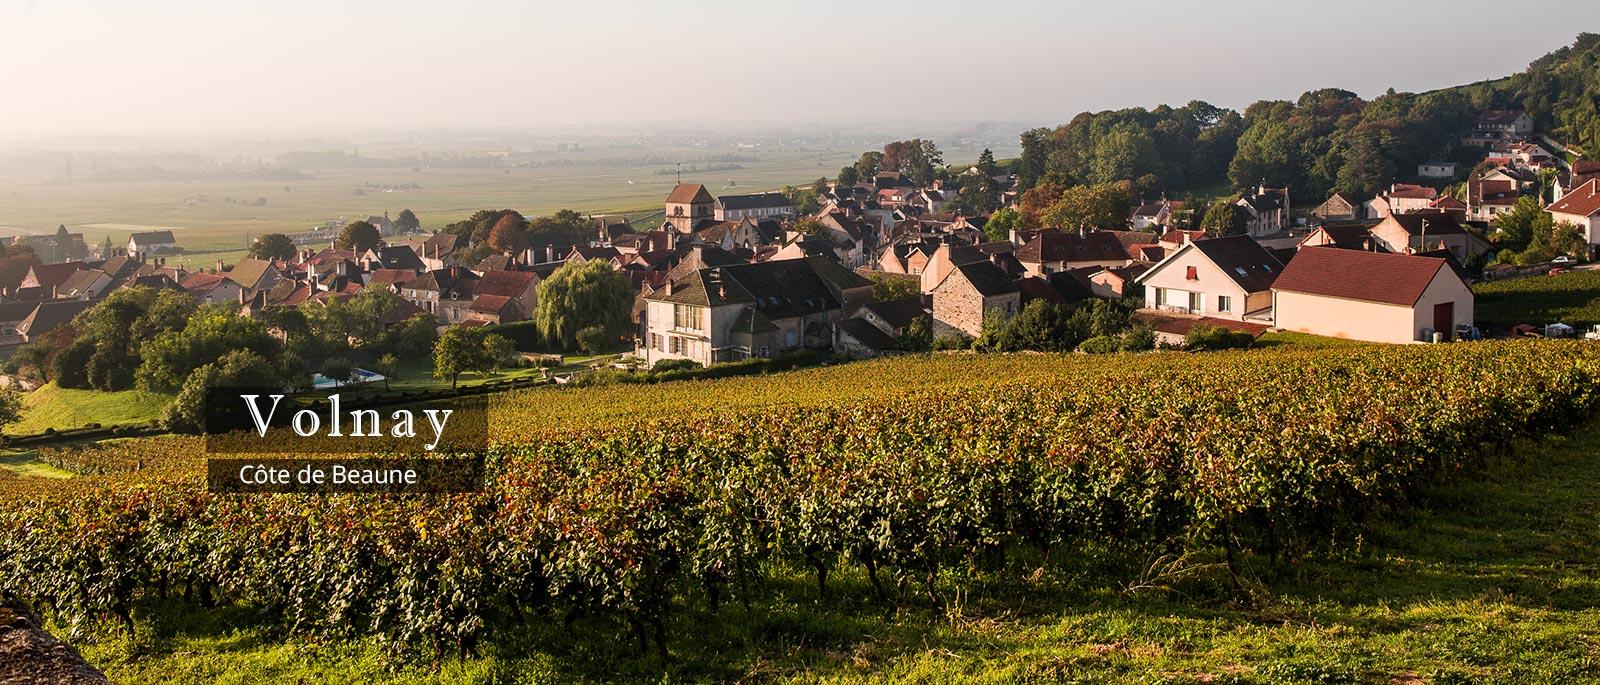 volnay-burgundy.jpg